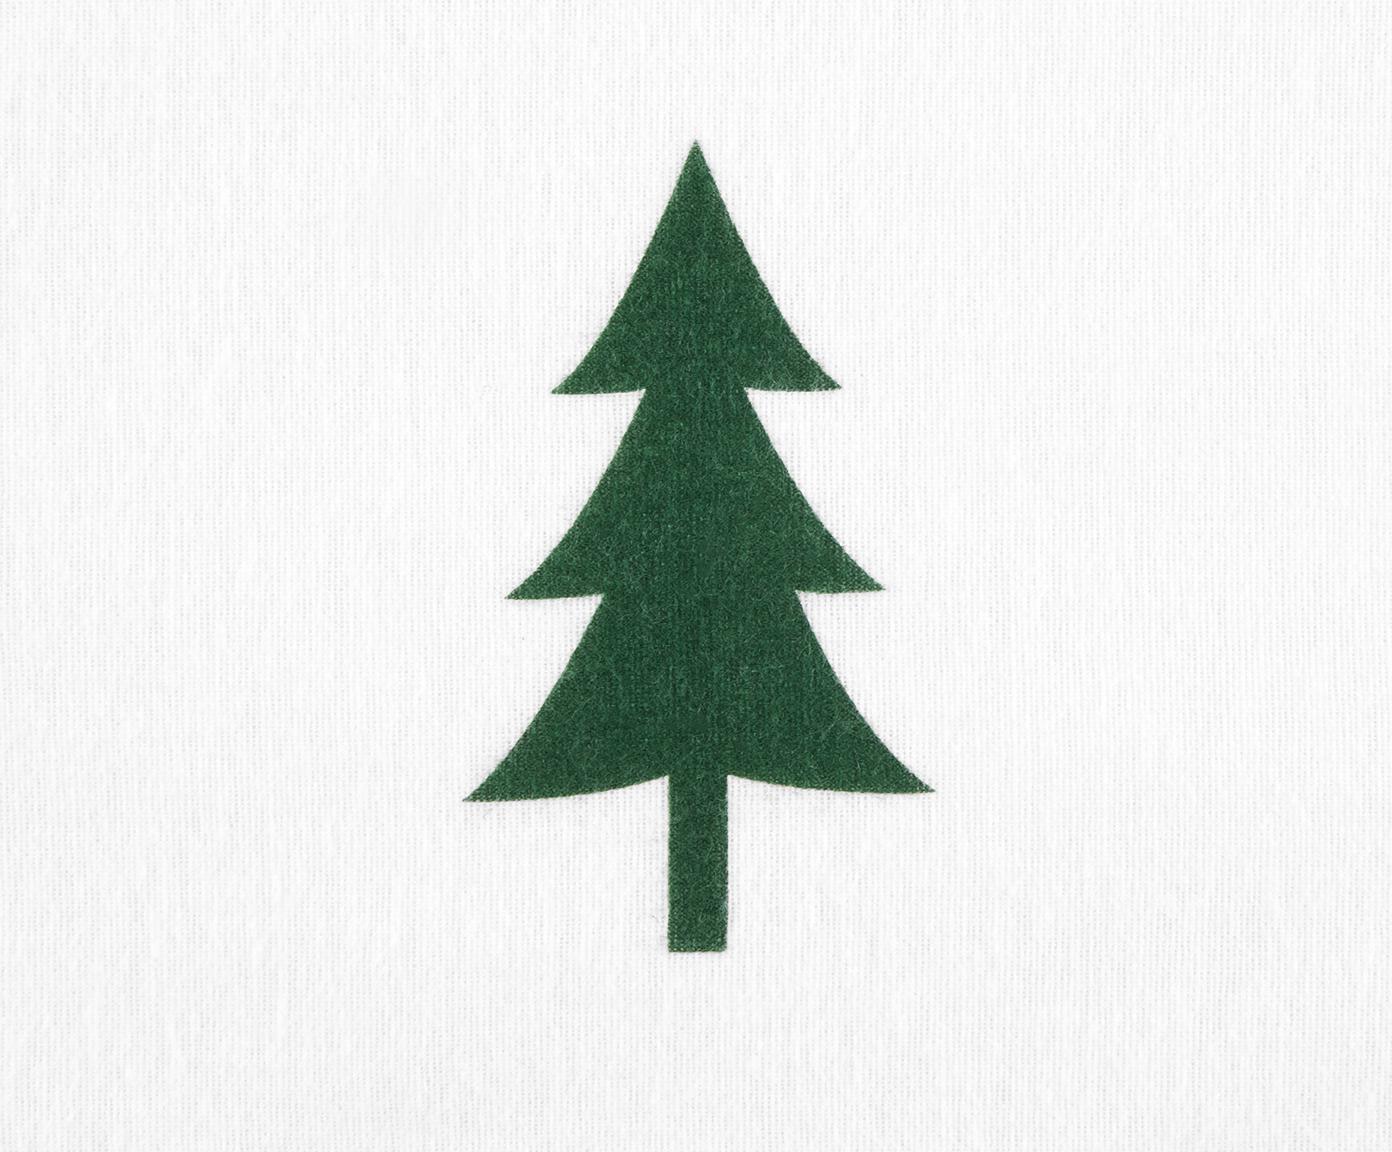 Flanell-Bettwäsche X-mas Tree in Weiß/Grün, Webart: Flanell Flanell ist ein s, Weiß, Grün, 240 x 220 cm + 2 Kissen 80 x 80 cm